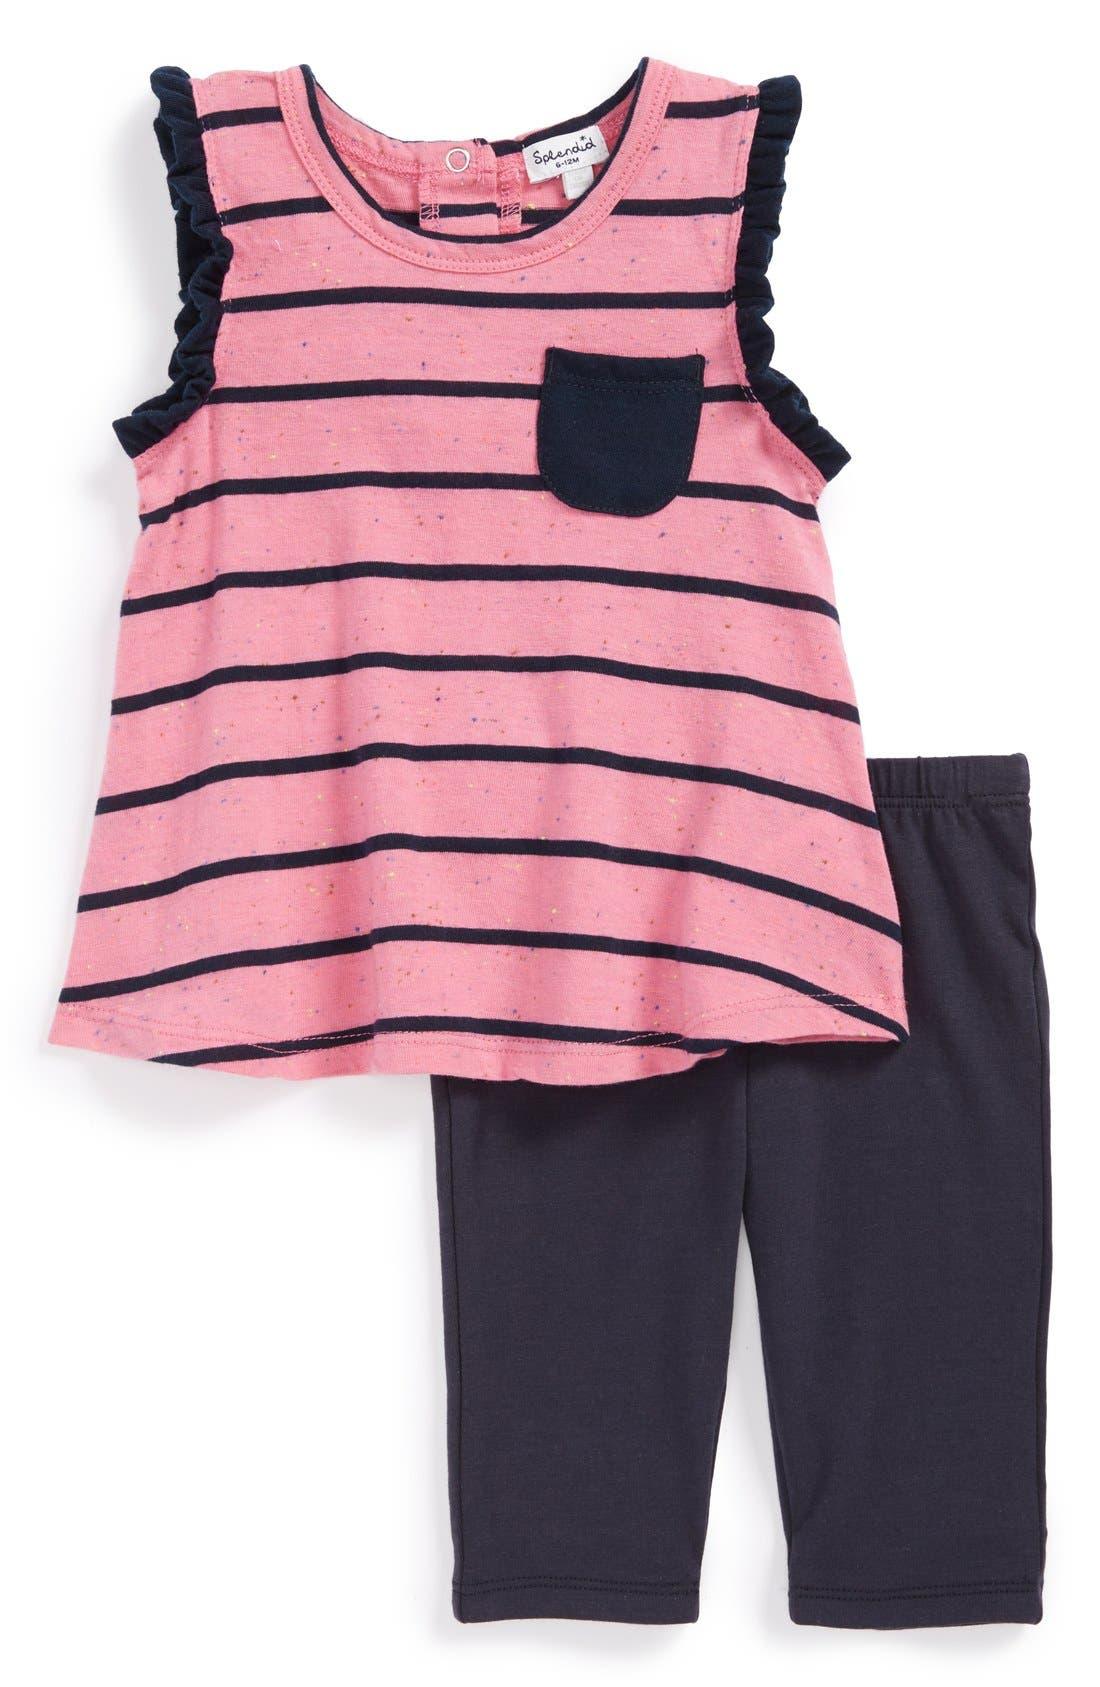 Alternate Image 1 Selected - Splendid Pocket Tunic & Leggings (Baby Girls)